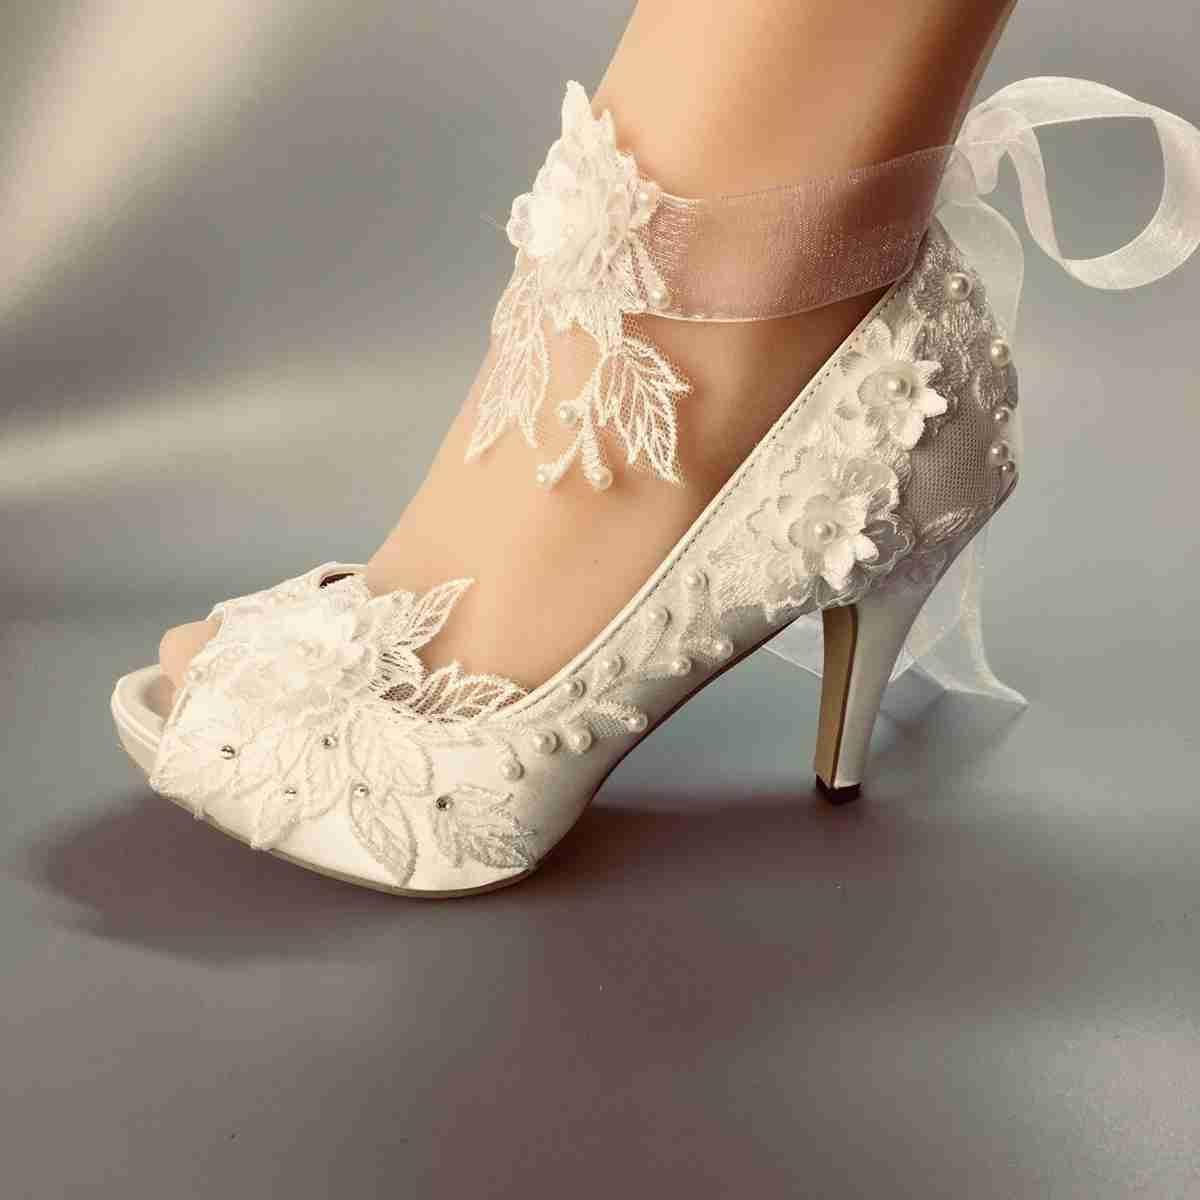 Acheter Chaussures De Mariage Imperméable Blanc Ivoire Mariée Robes De  Mariage PEEP TOE Diamant Dentelle Manuel Mariage Mariage Talon De La Chaussure  OUVERT ... e778f4a87d9